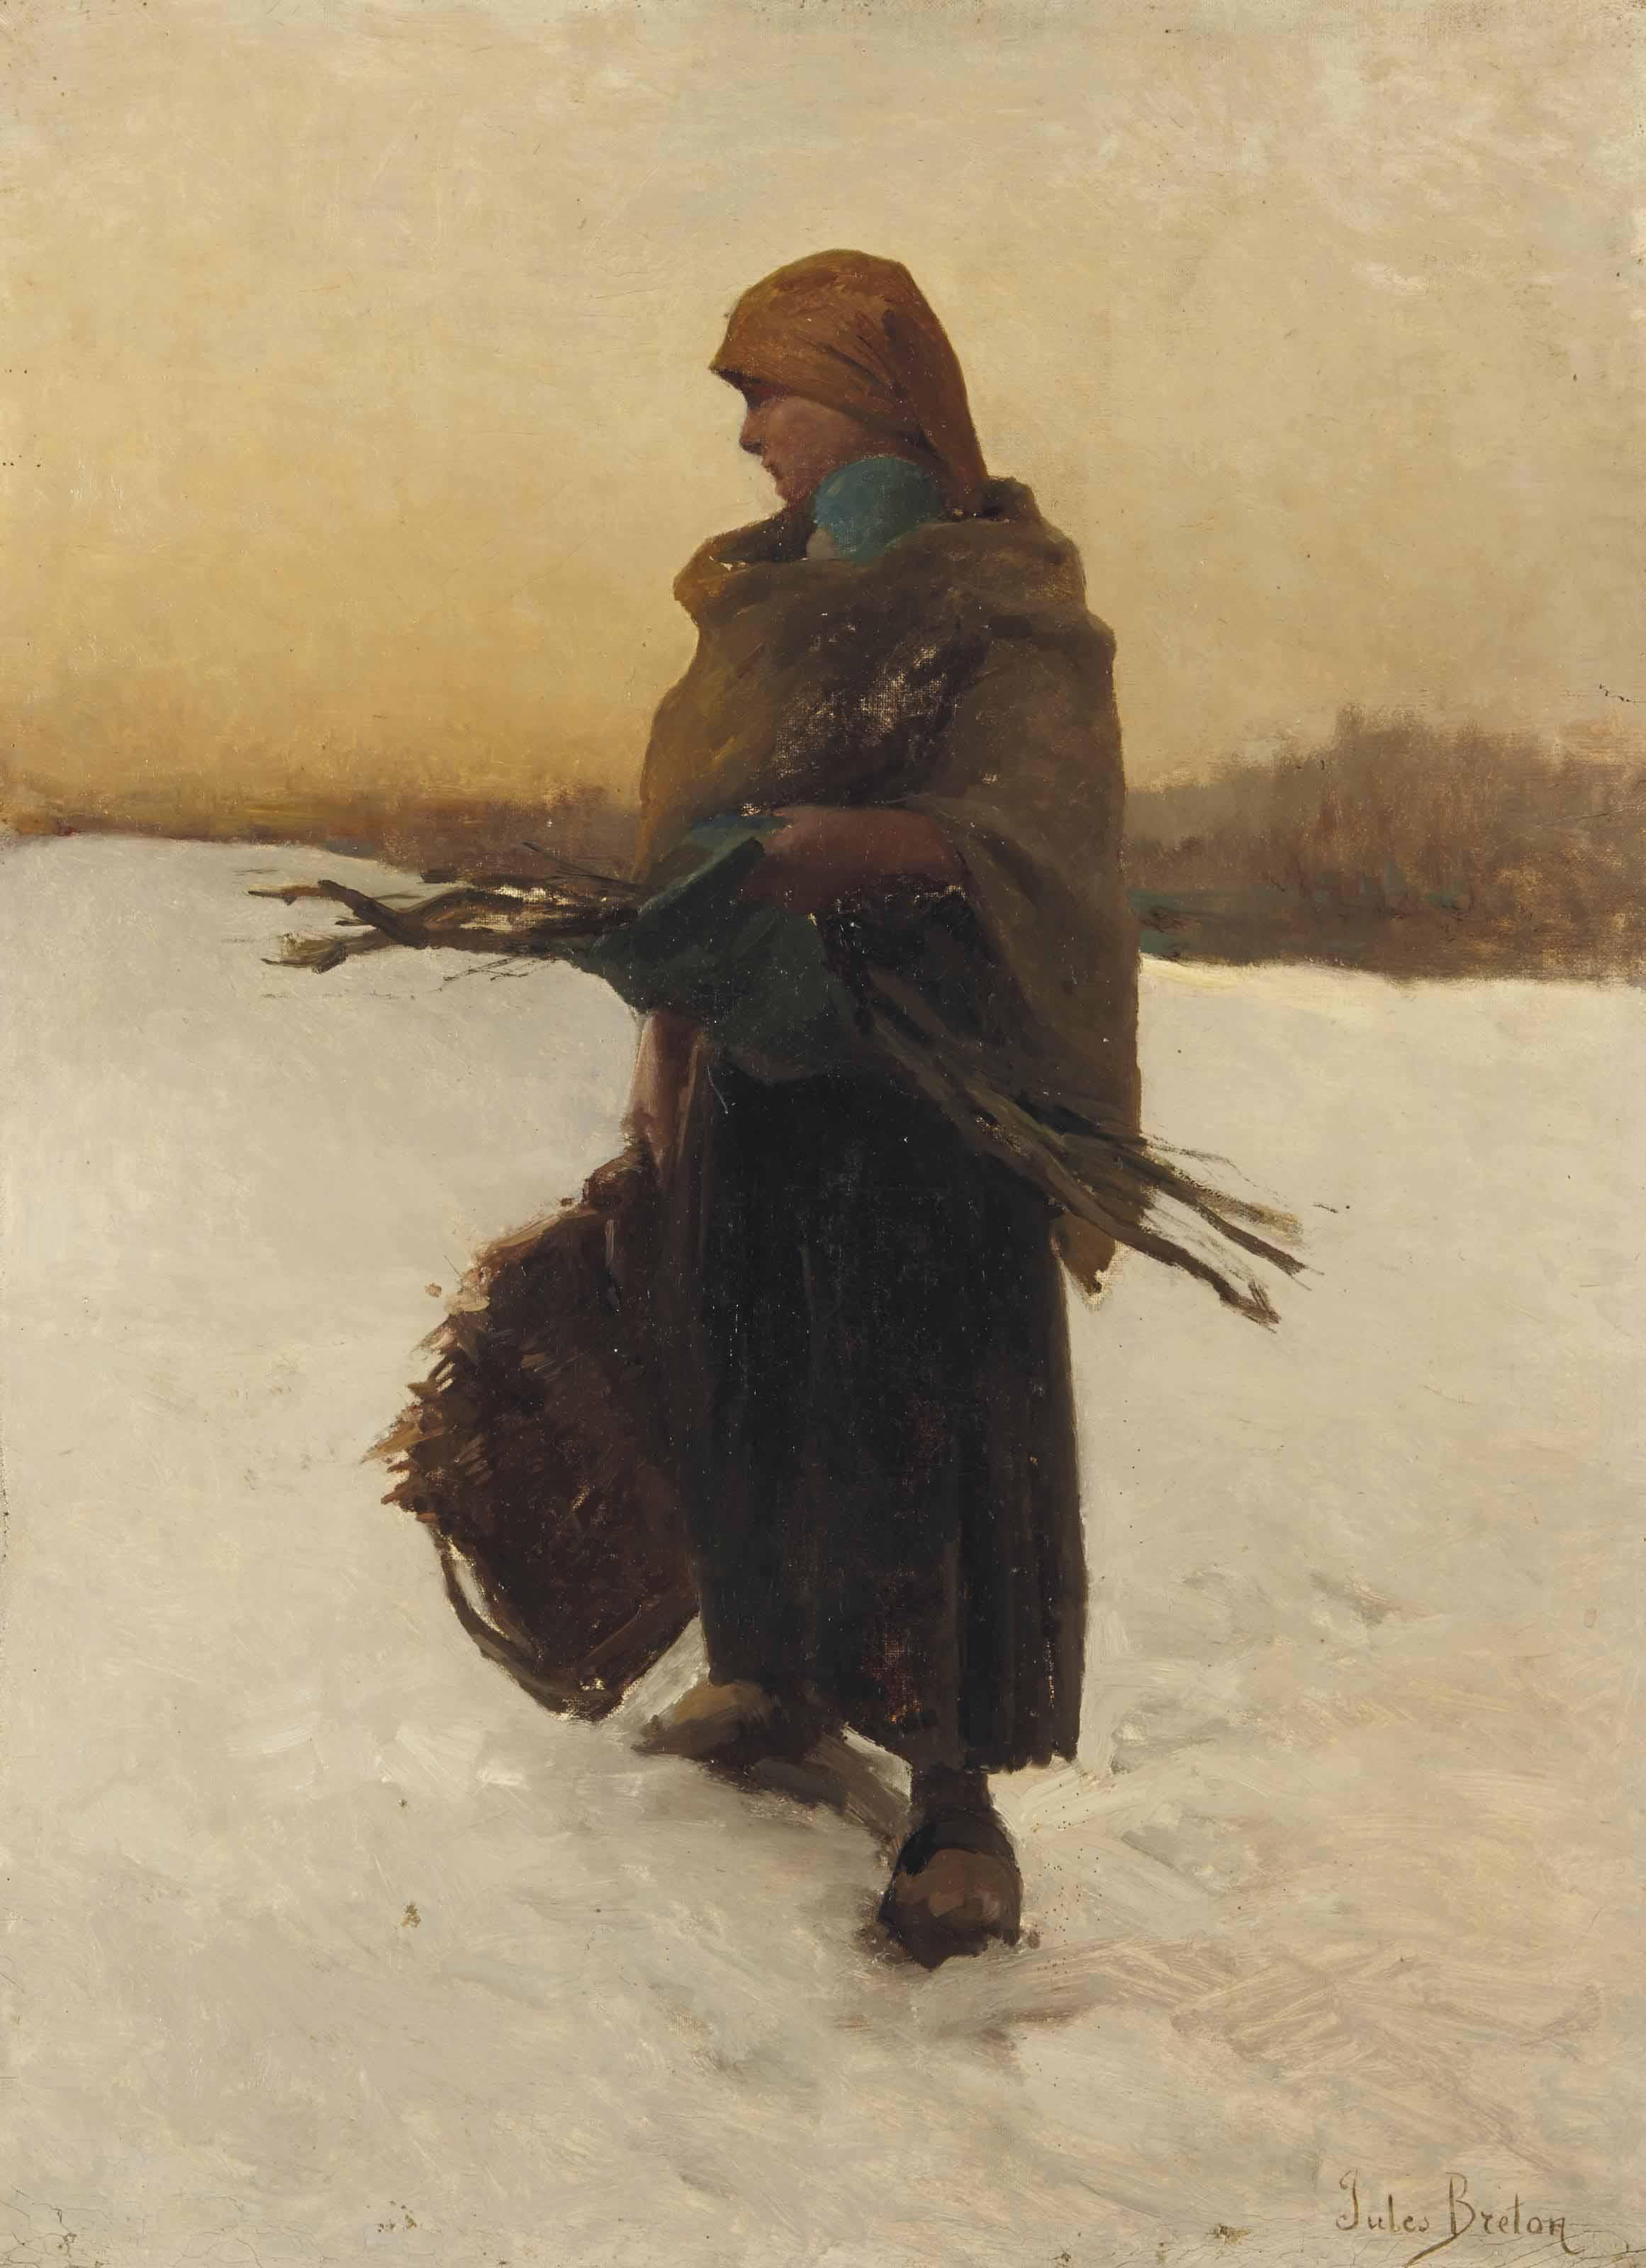 Ramasseuse de fagots et son enfant dans la neige